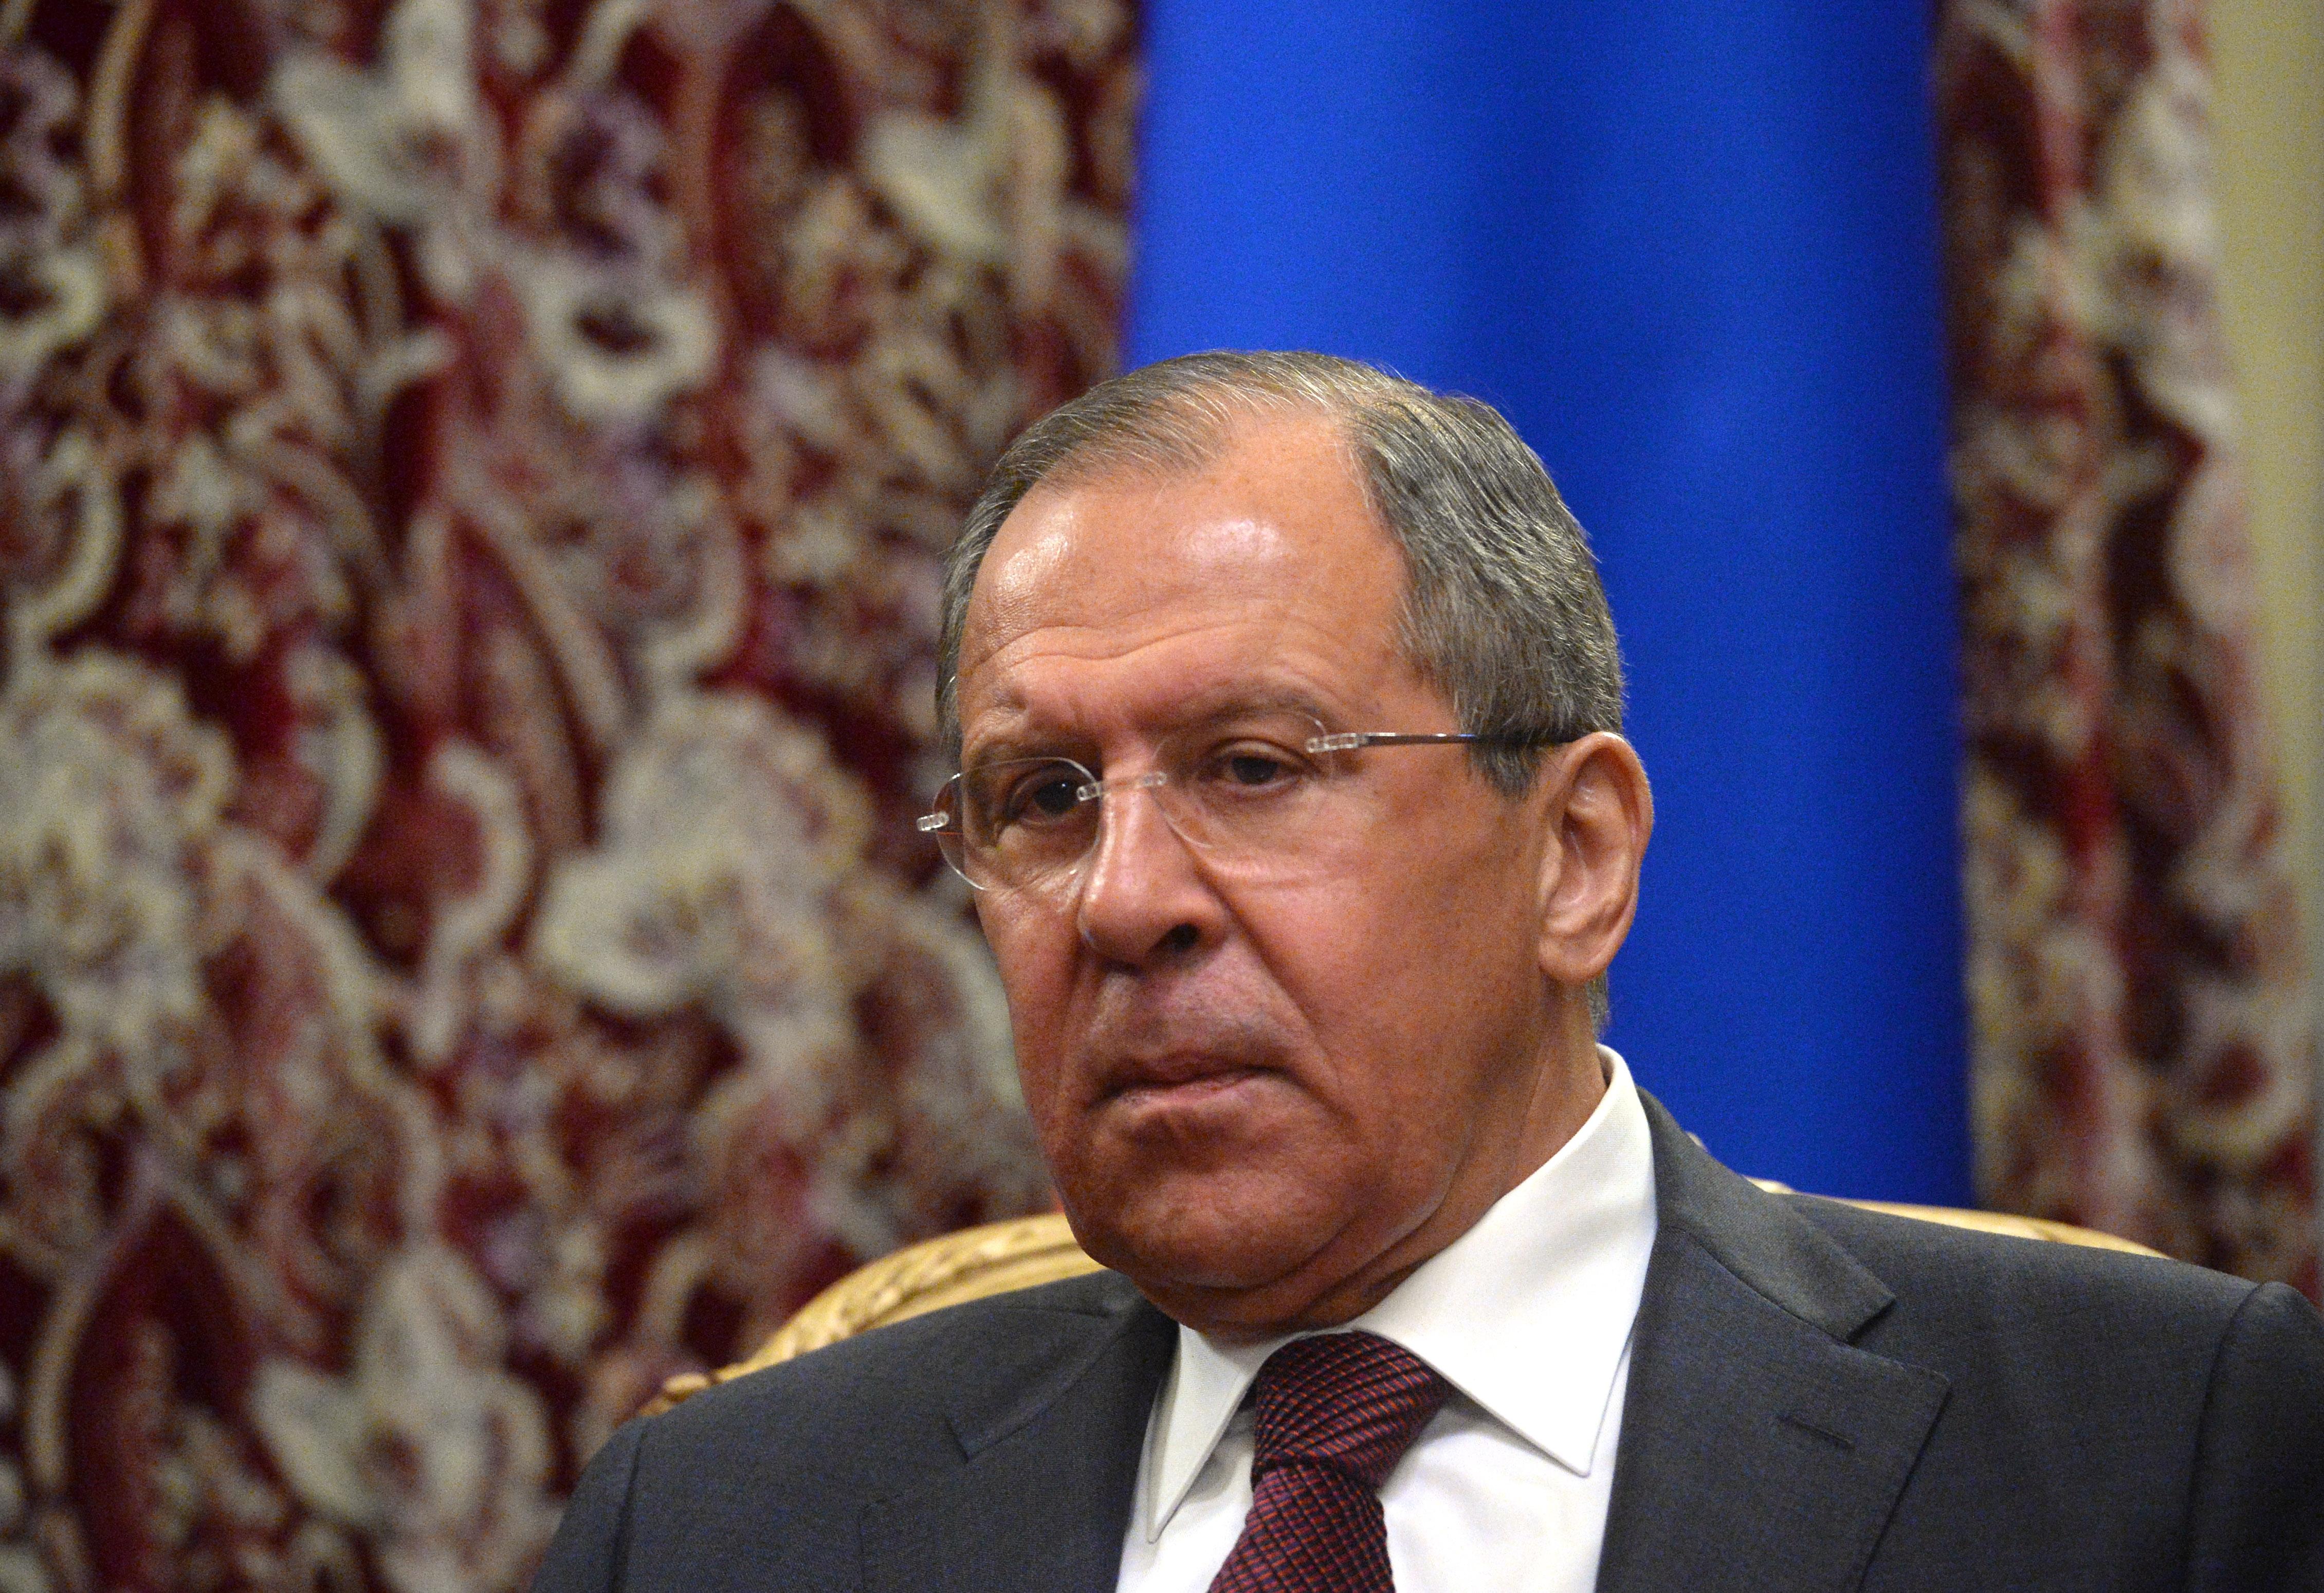 Oroszország az amerikai szankciók ellenére is megépíti az Északi Áramlat 2 és a Török Áramlat gázvezetékeket